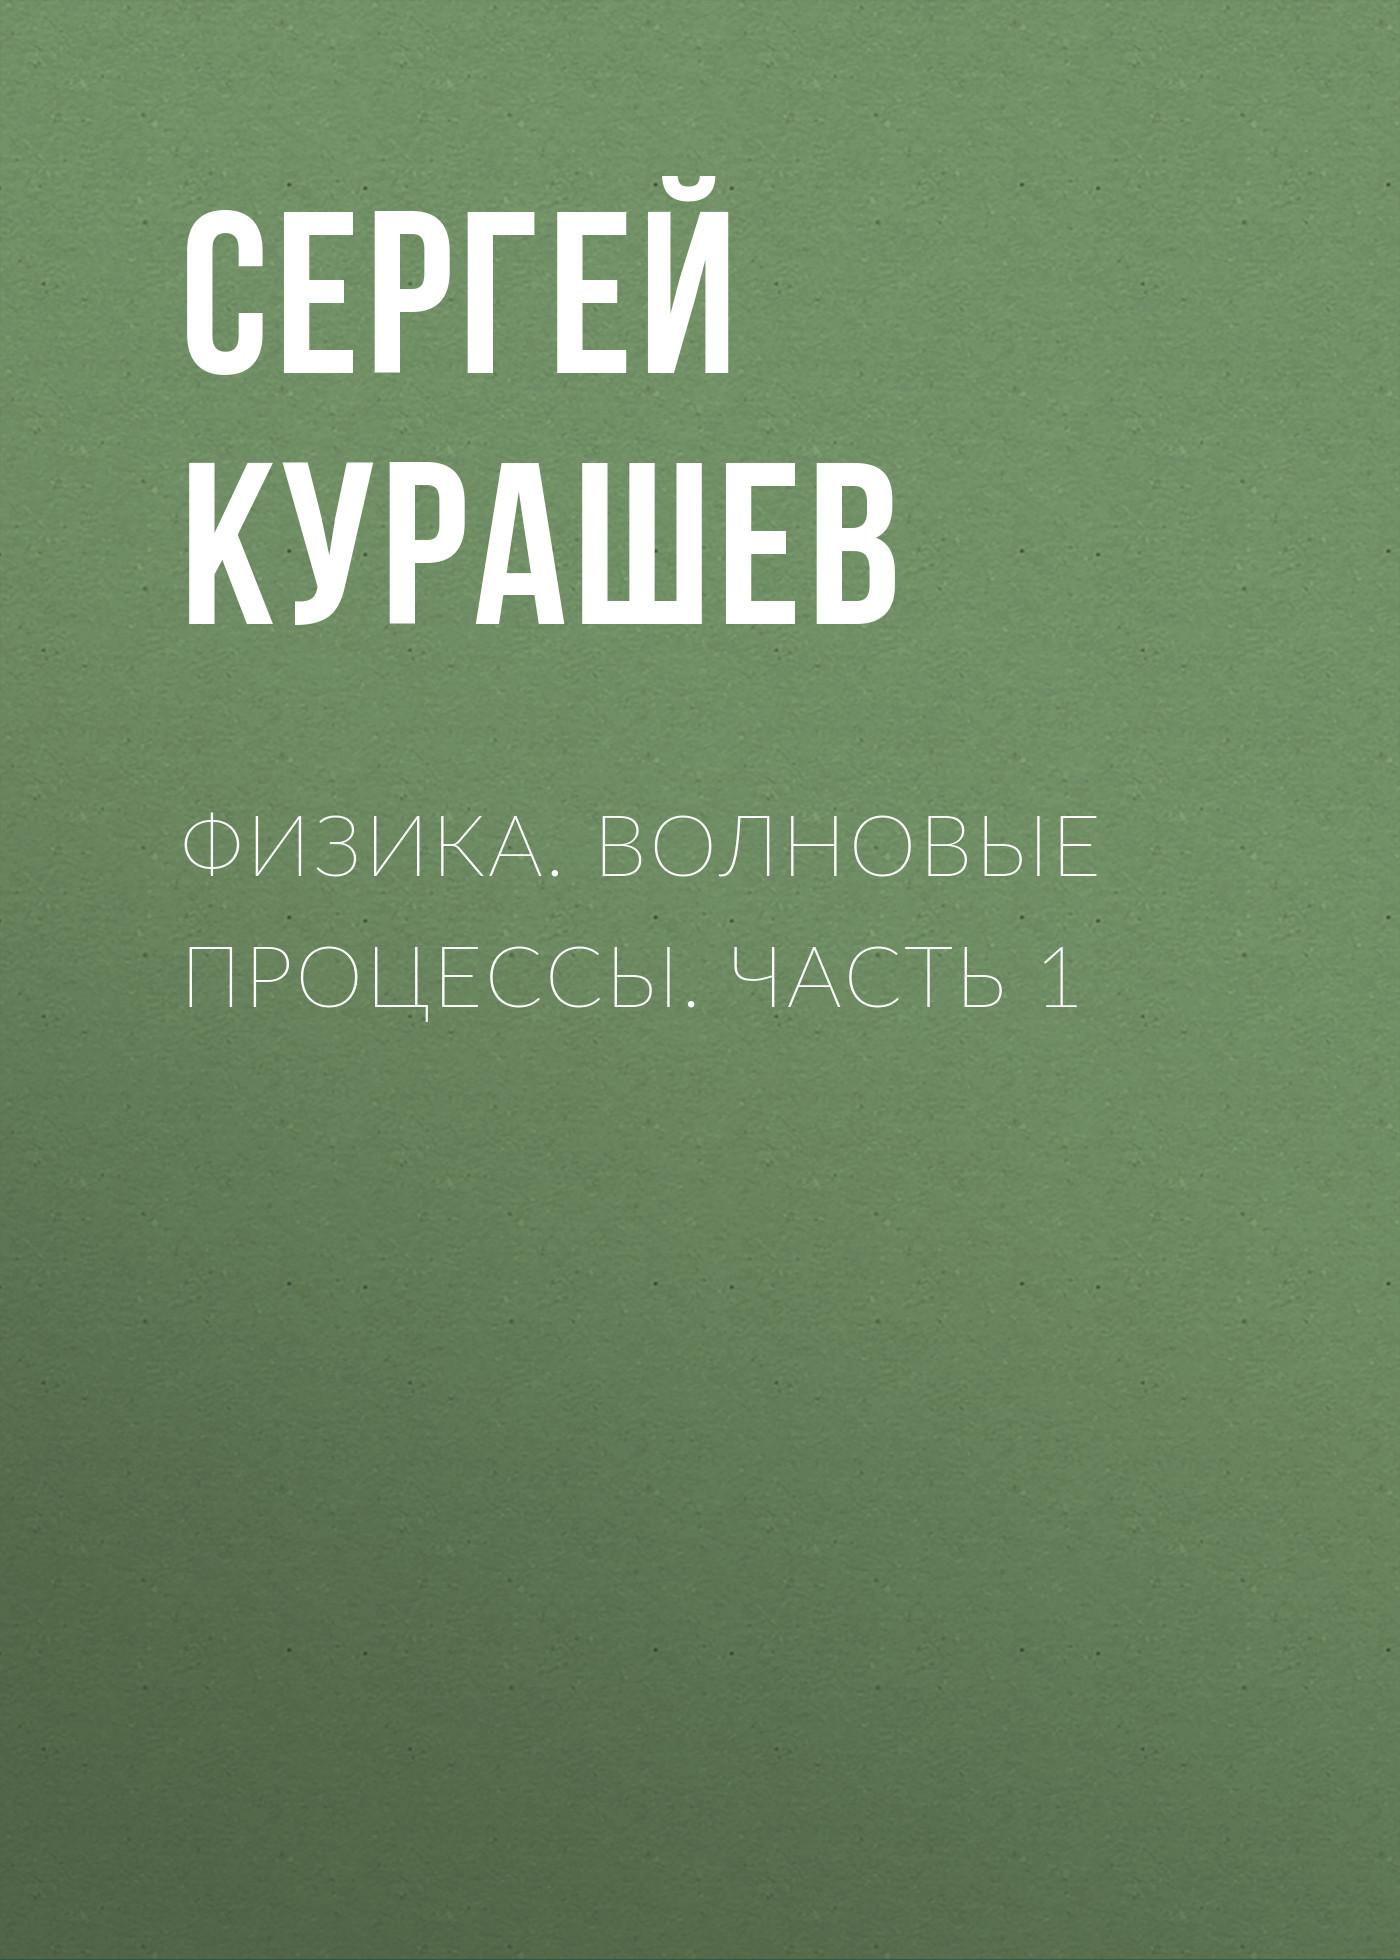 Сергей Курашев. Физика. Волновые процессы. Часть 1